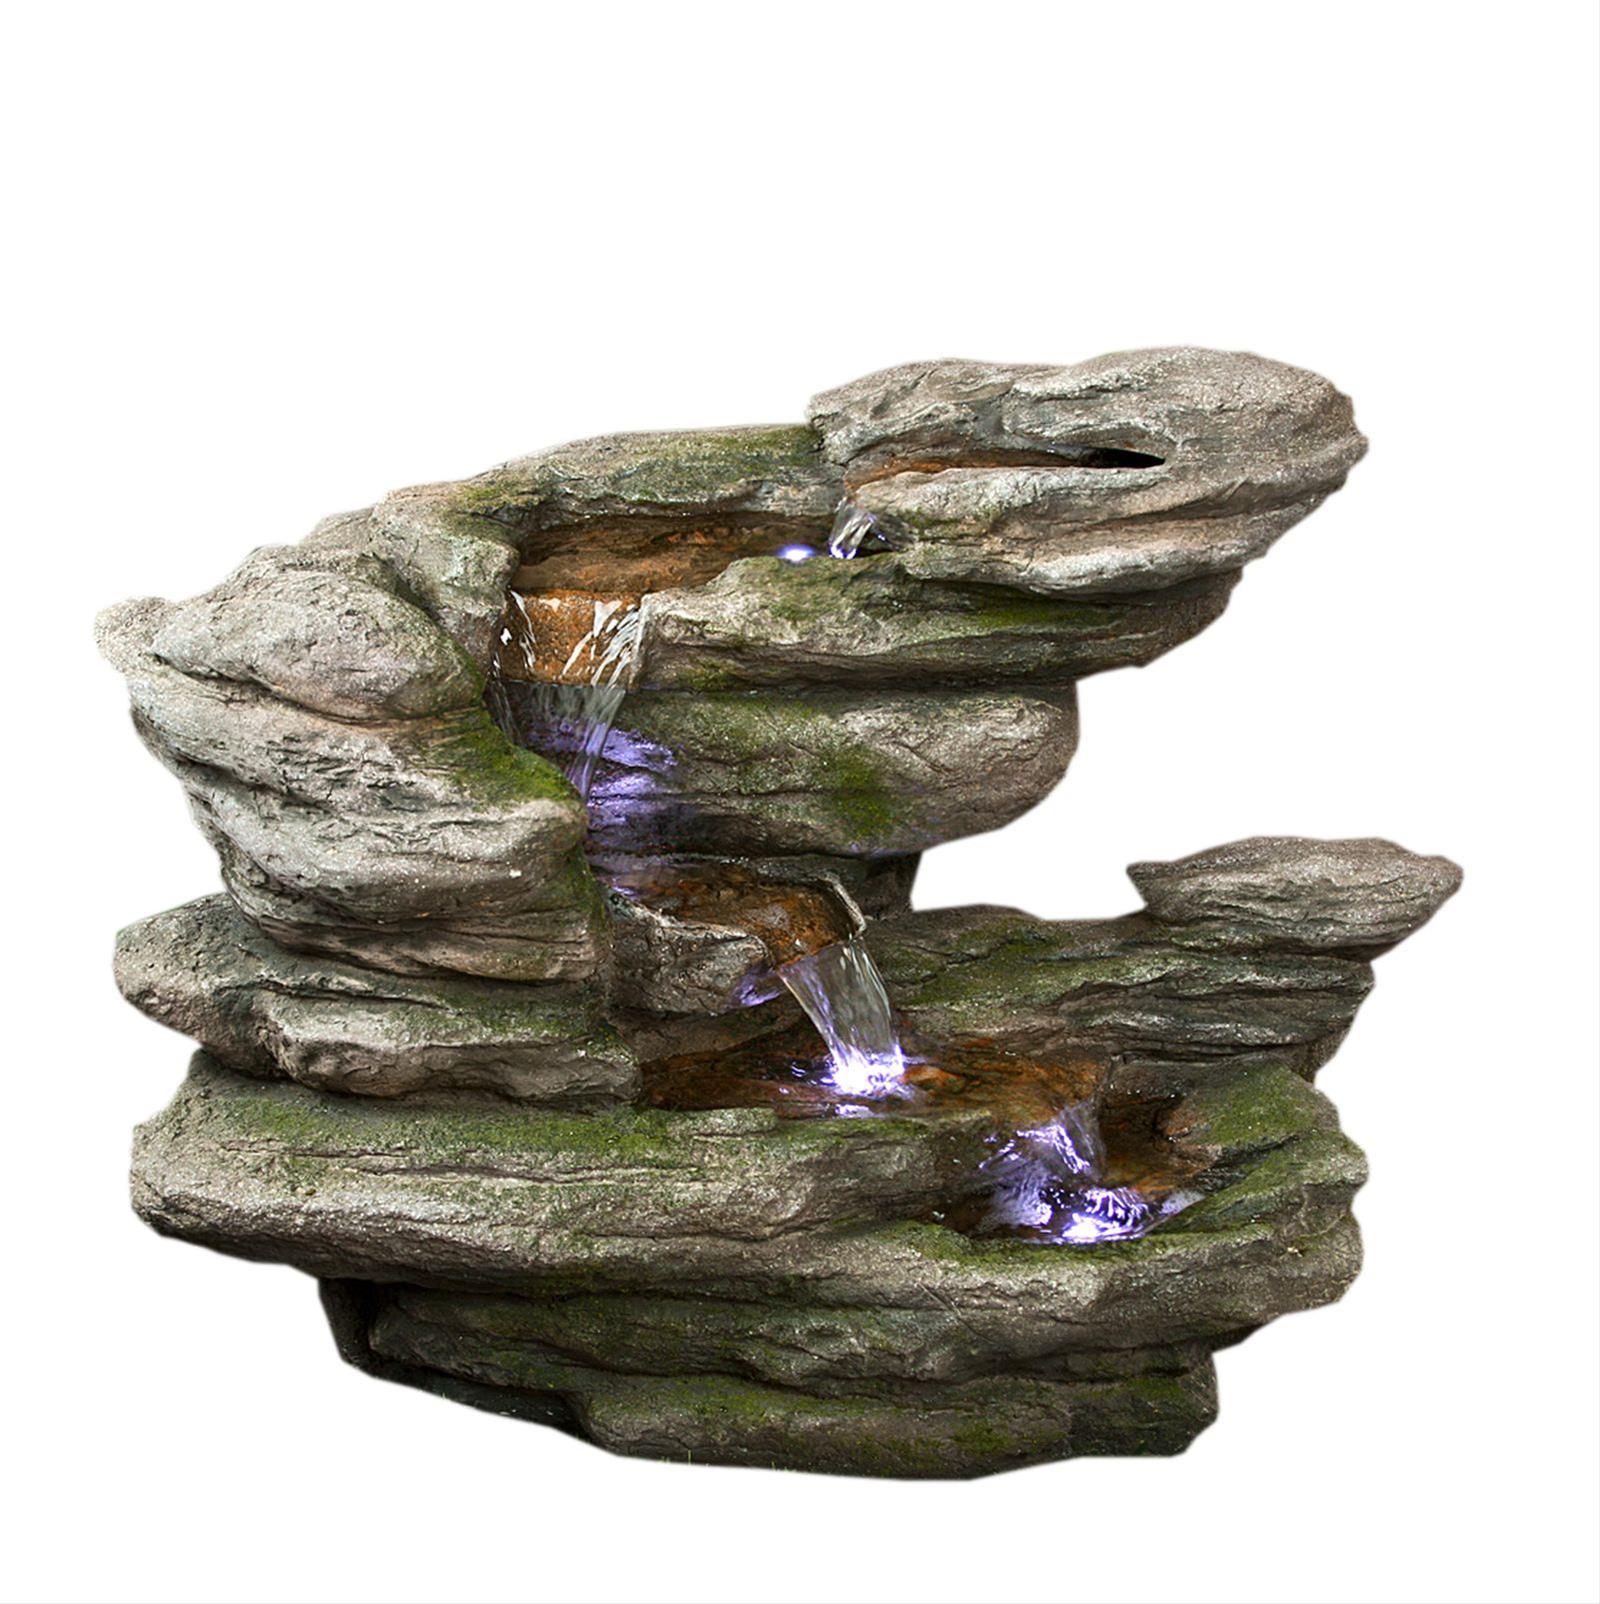 Gartenbrunnen / Wasserspiel / Zimmerbrunnen GardenForma Gersoppa Bild 1